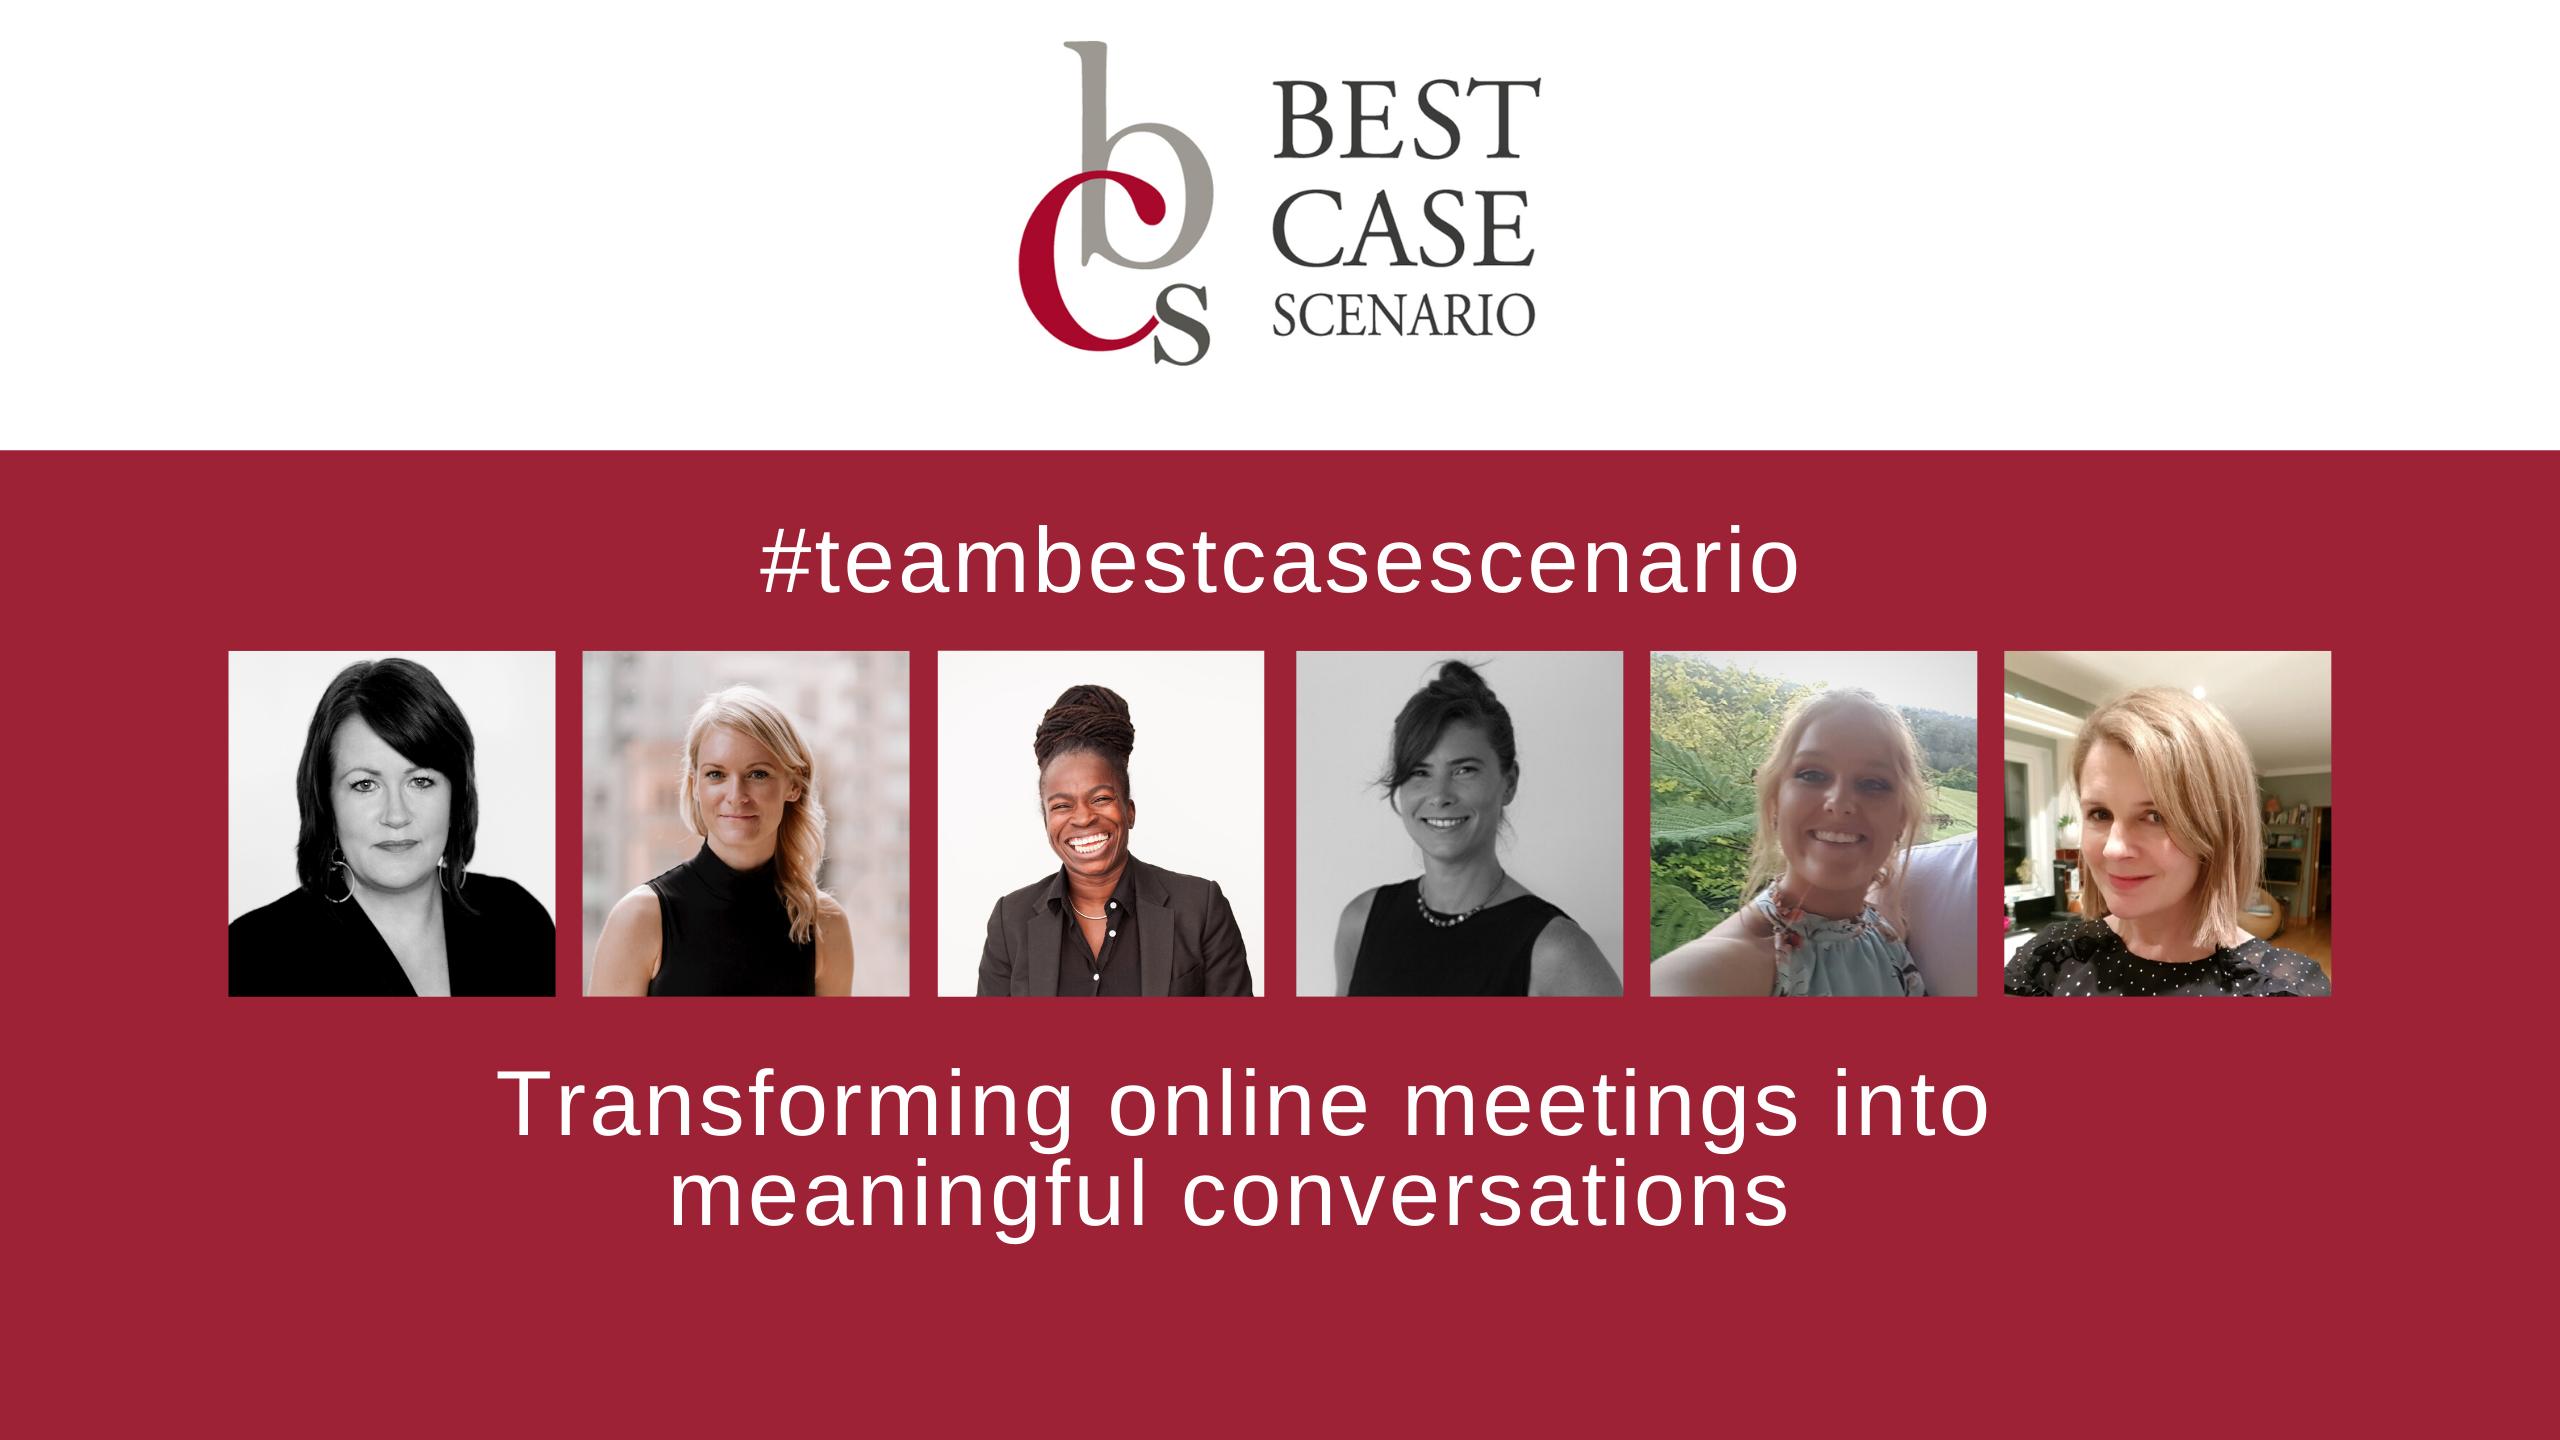 Team Best Case Scenario Event Management